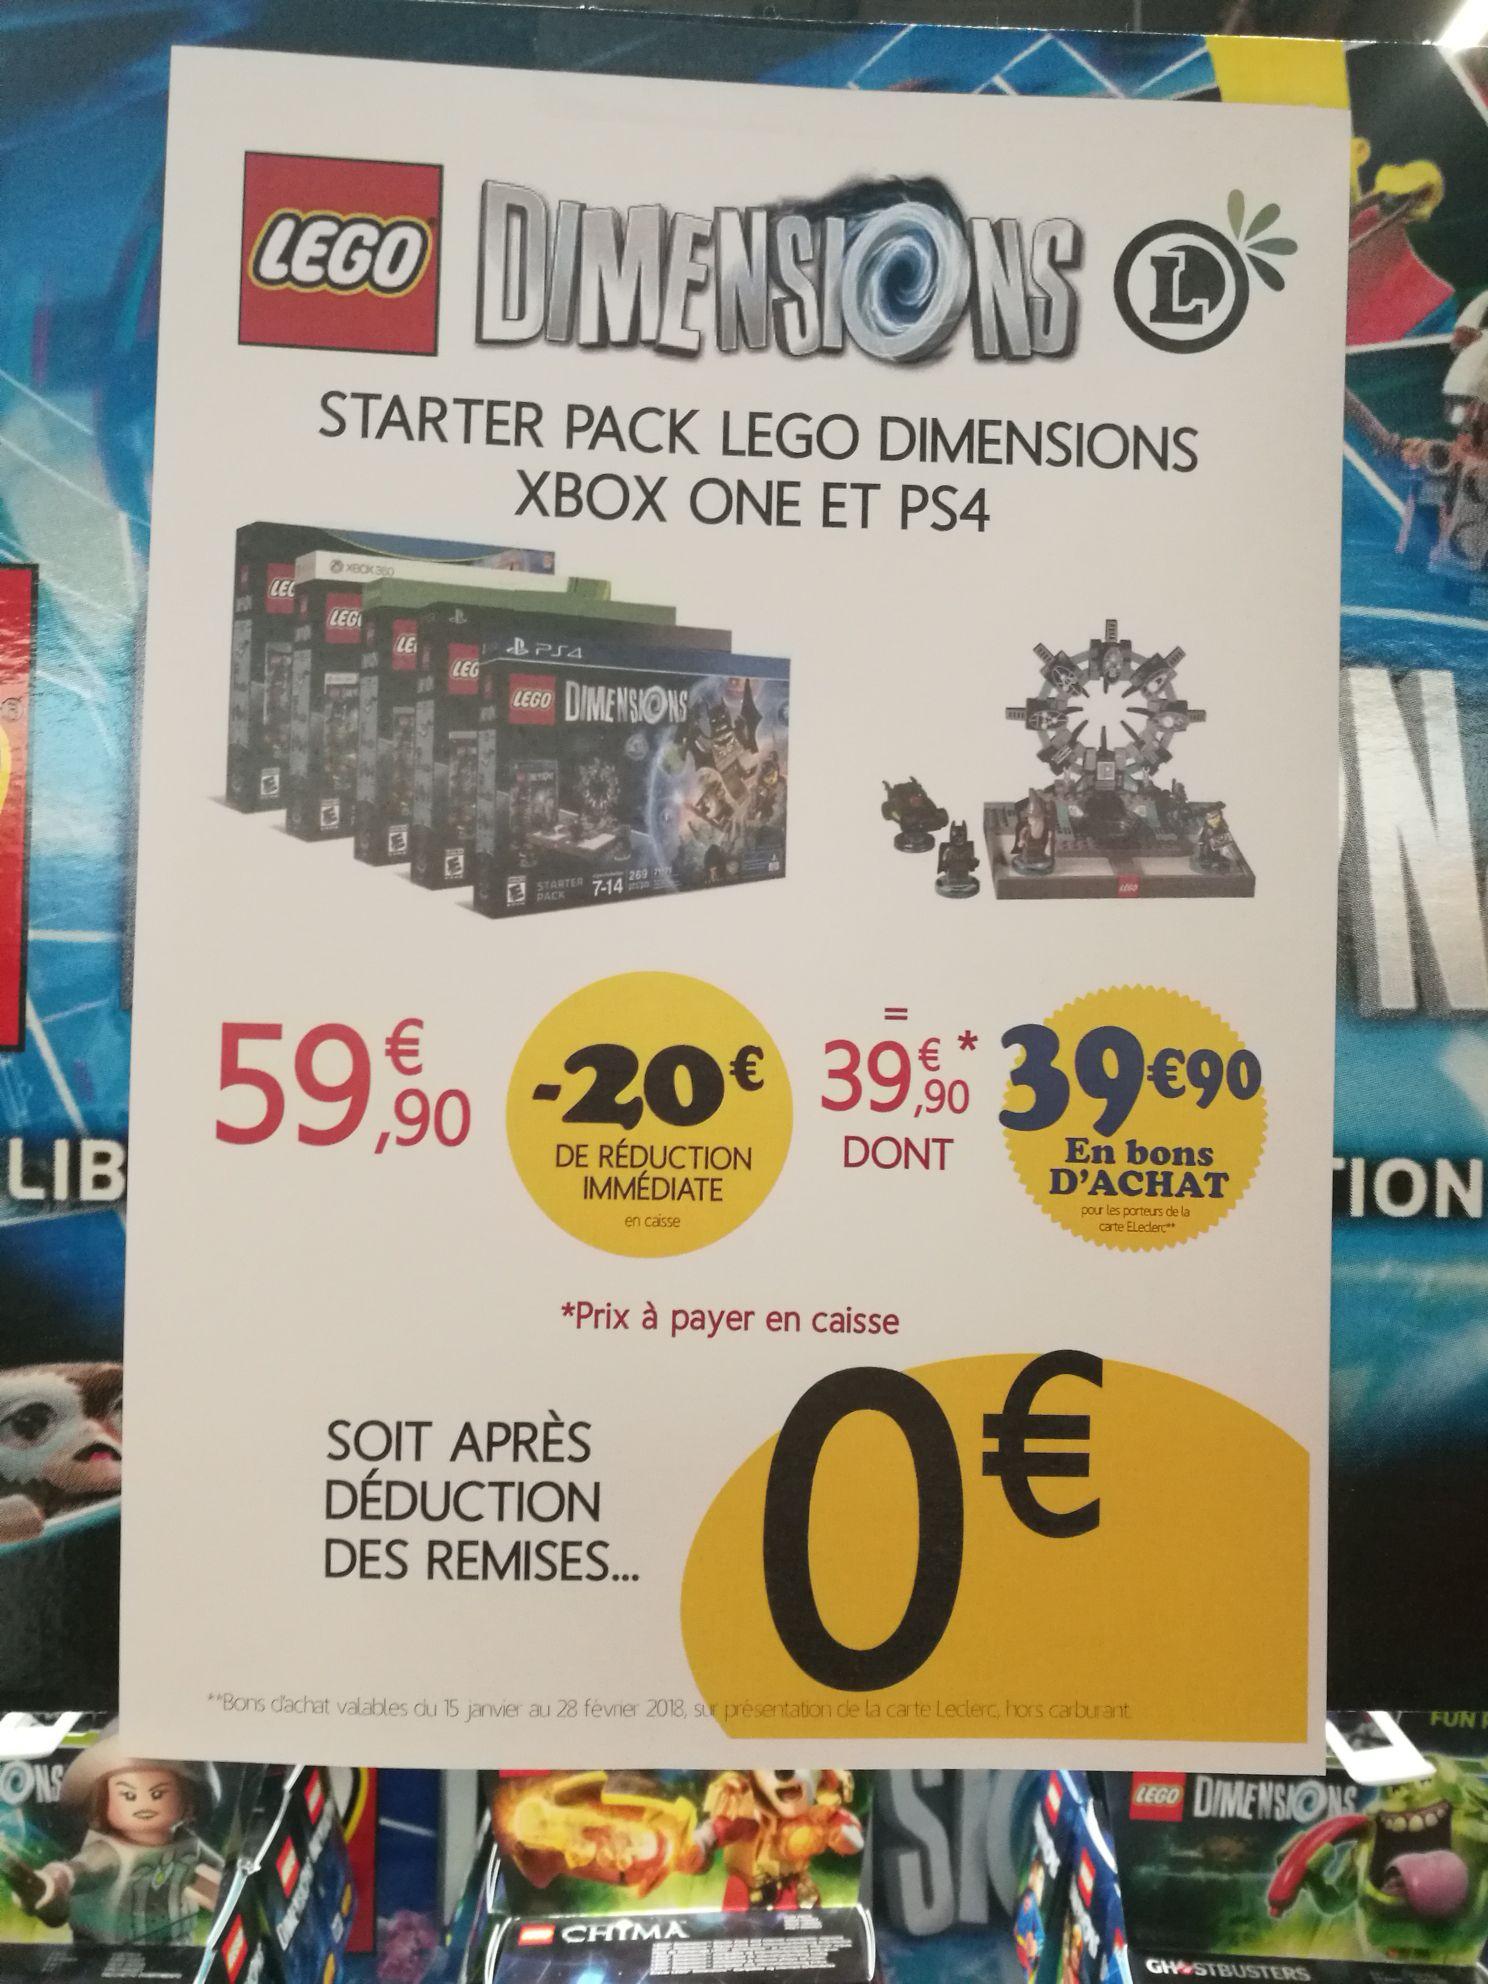 Starter pack Lego Dimensions Gratuit sur PS4, Xbox One, PS3, Xbox 360 ou Wii U (via 39.9€ sur la carte) - Mios (33)